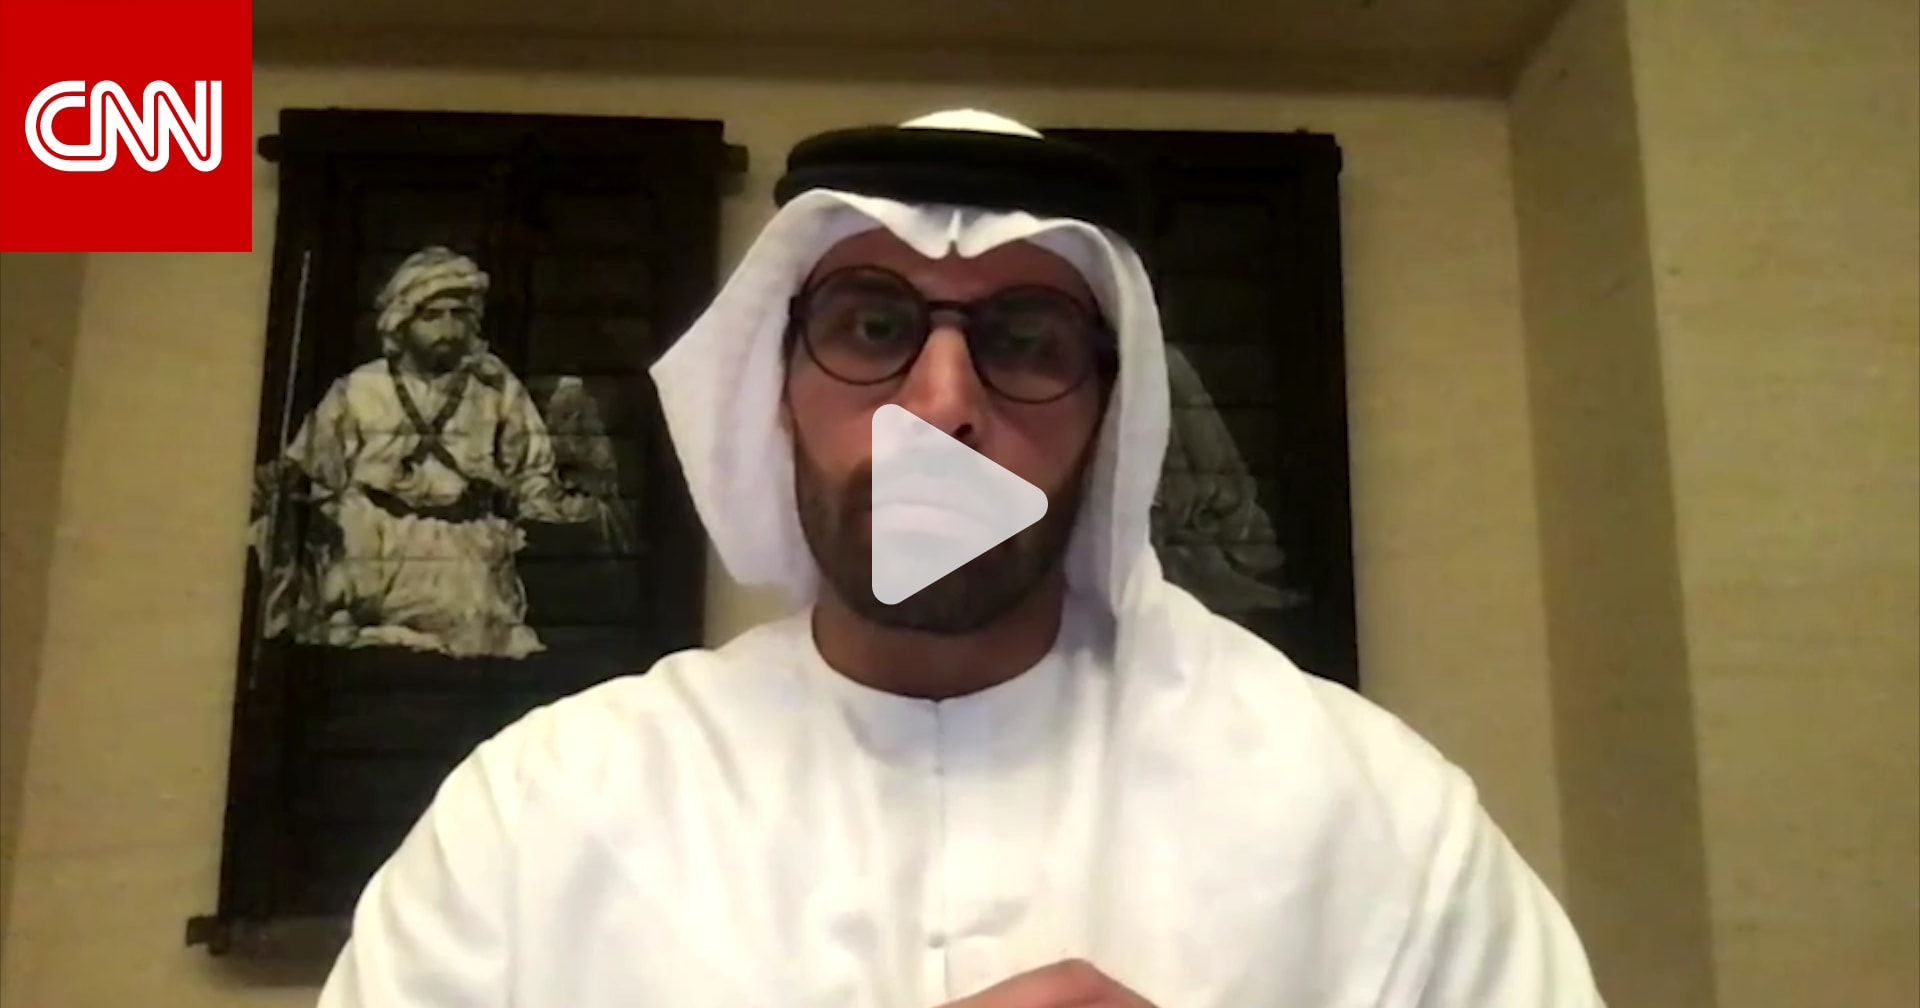 رئيس دائرة السياحة في أبوظبي يتحدث مع CNN.. ما رأيه بجواز سفر اللقاح؟